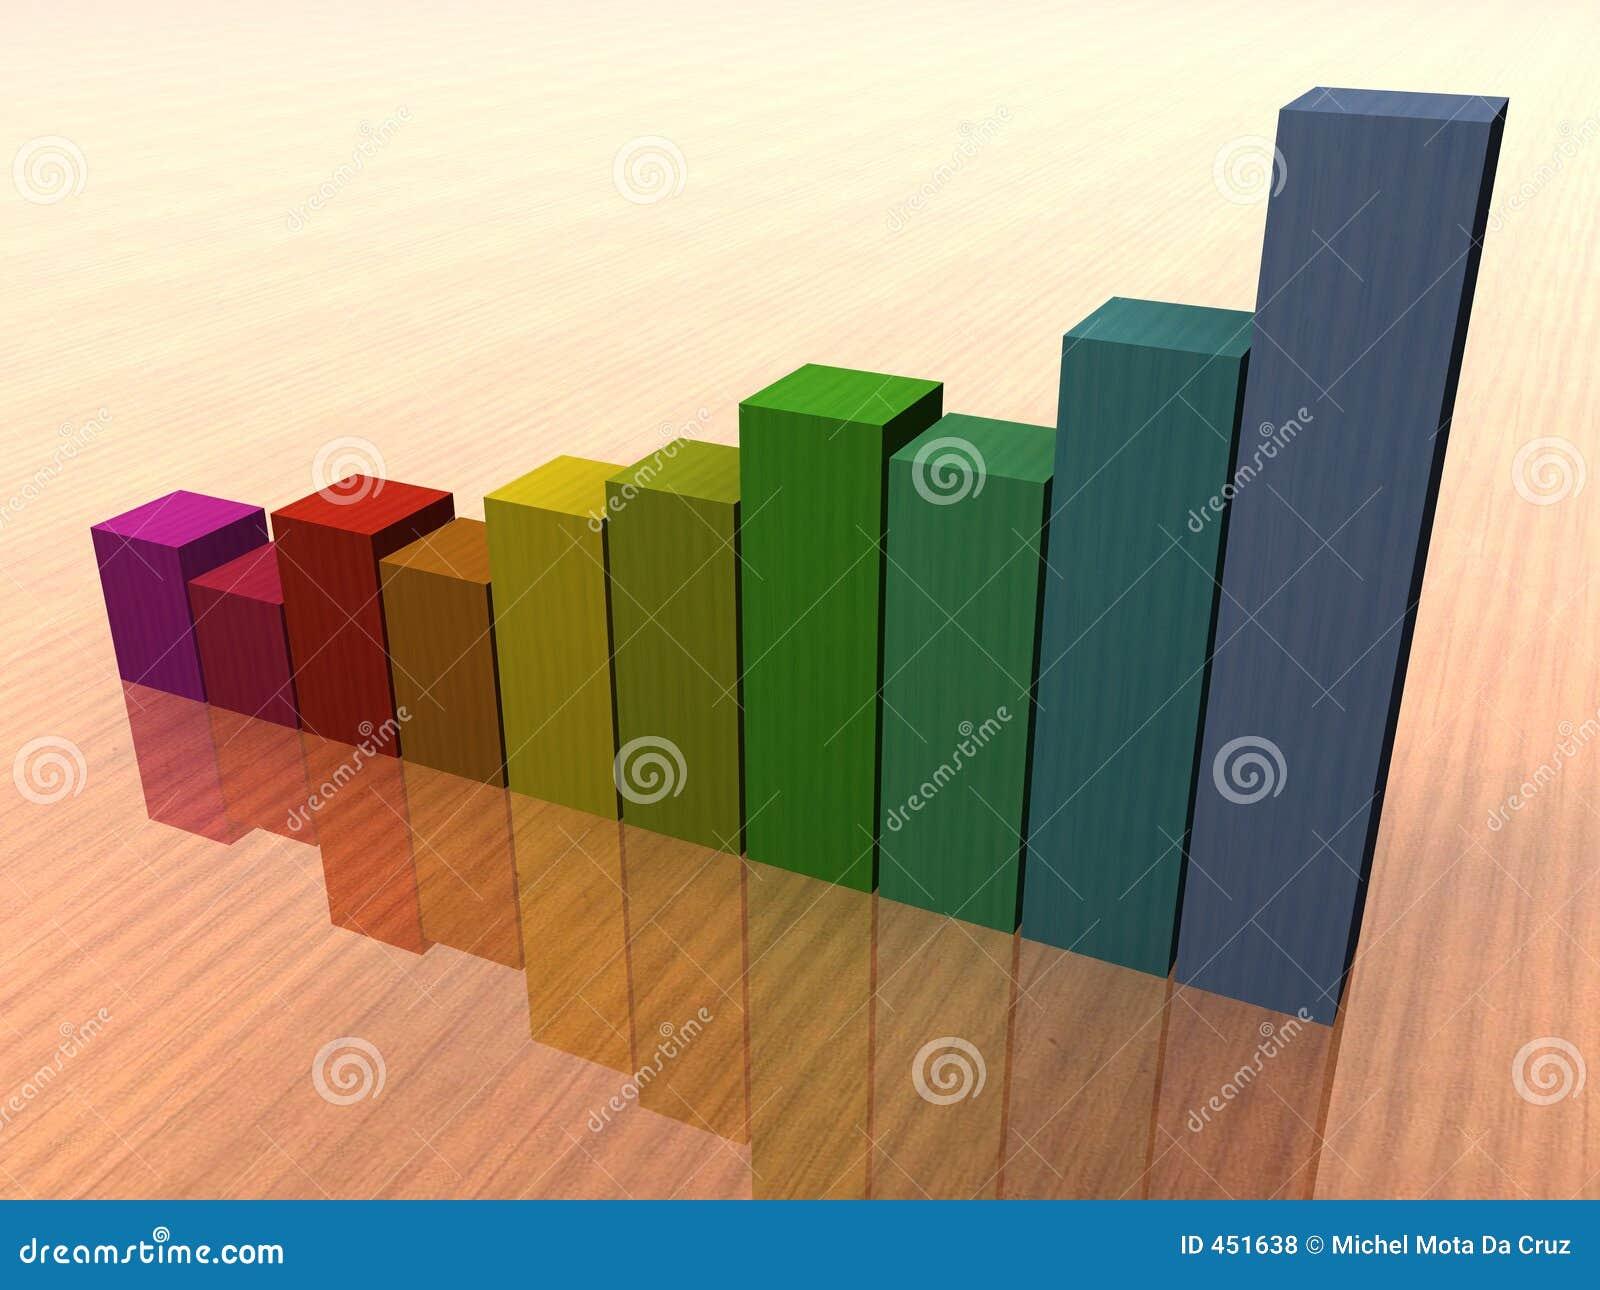 Estadísticas en color